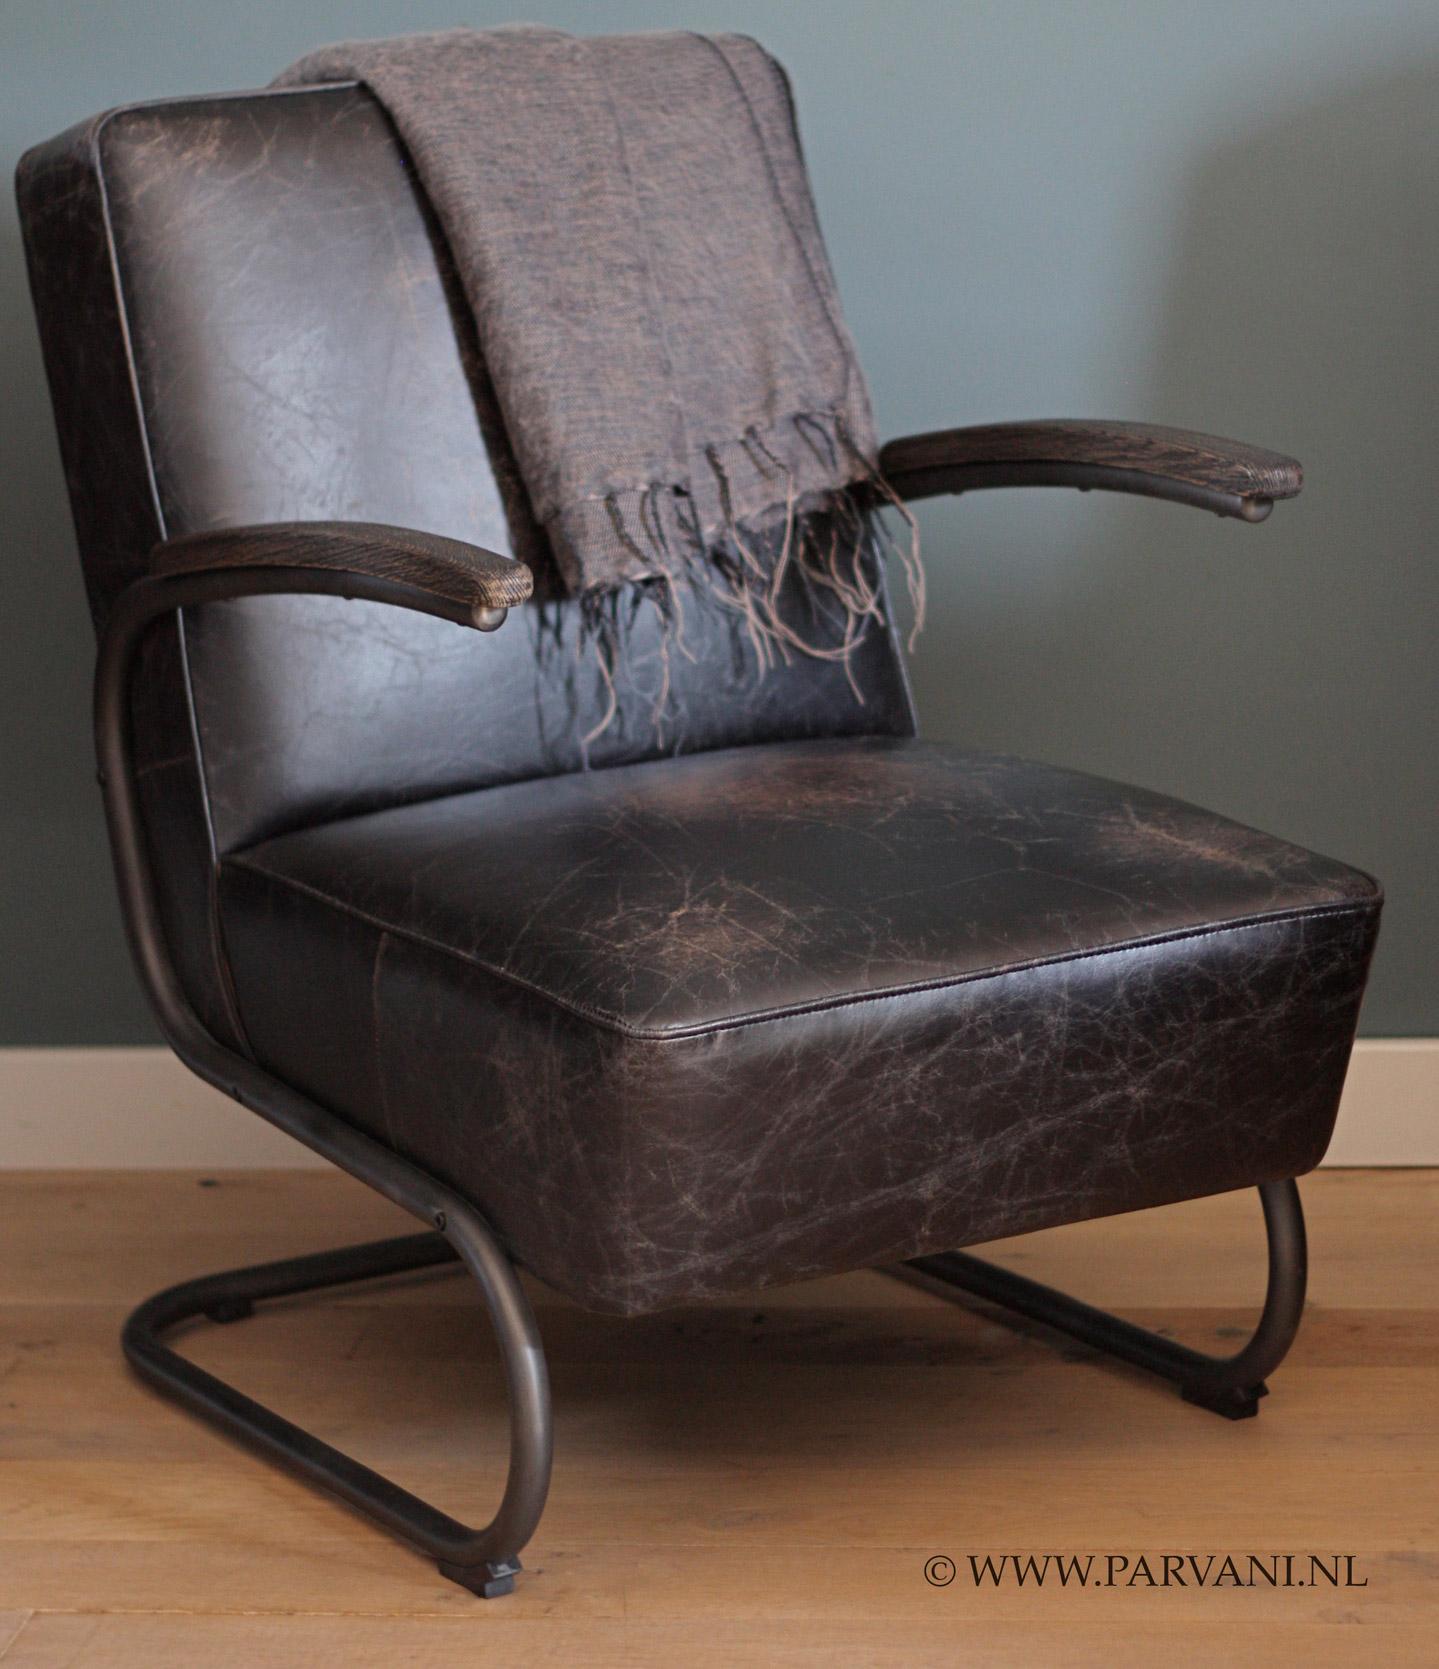 Parvani stoelen banken for Eetkamerstoel fauteuil